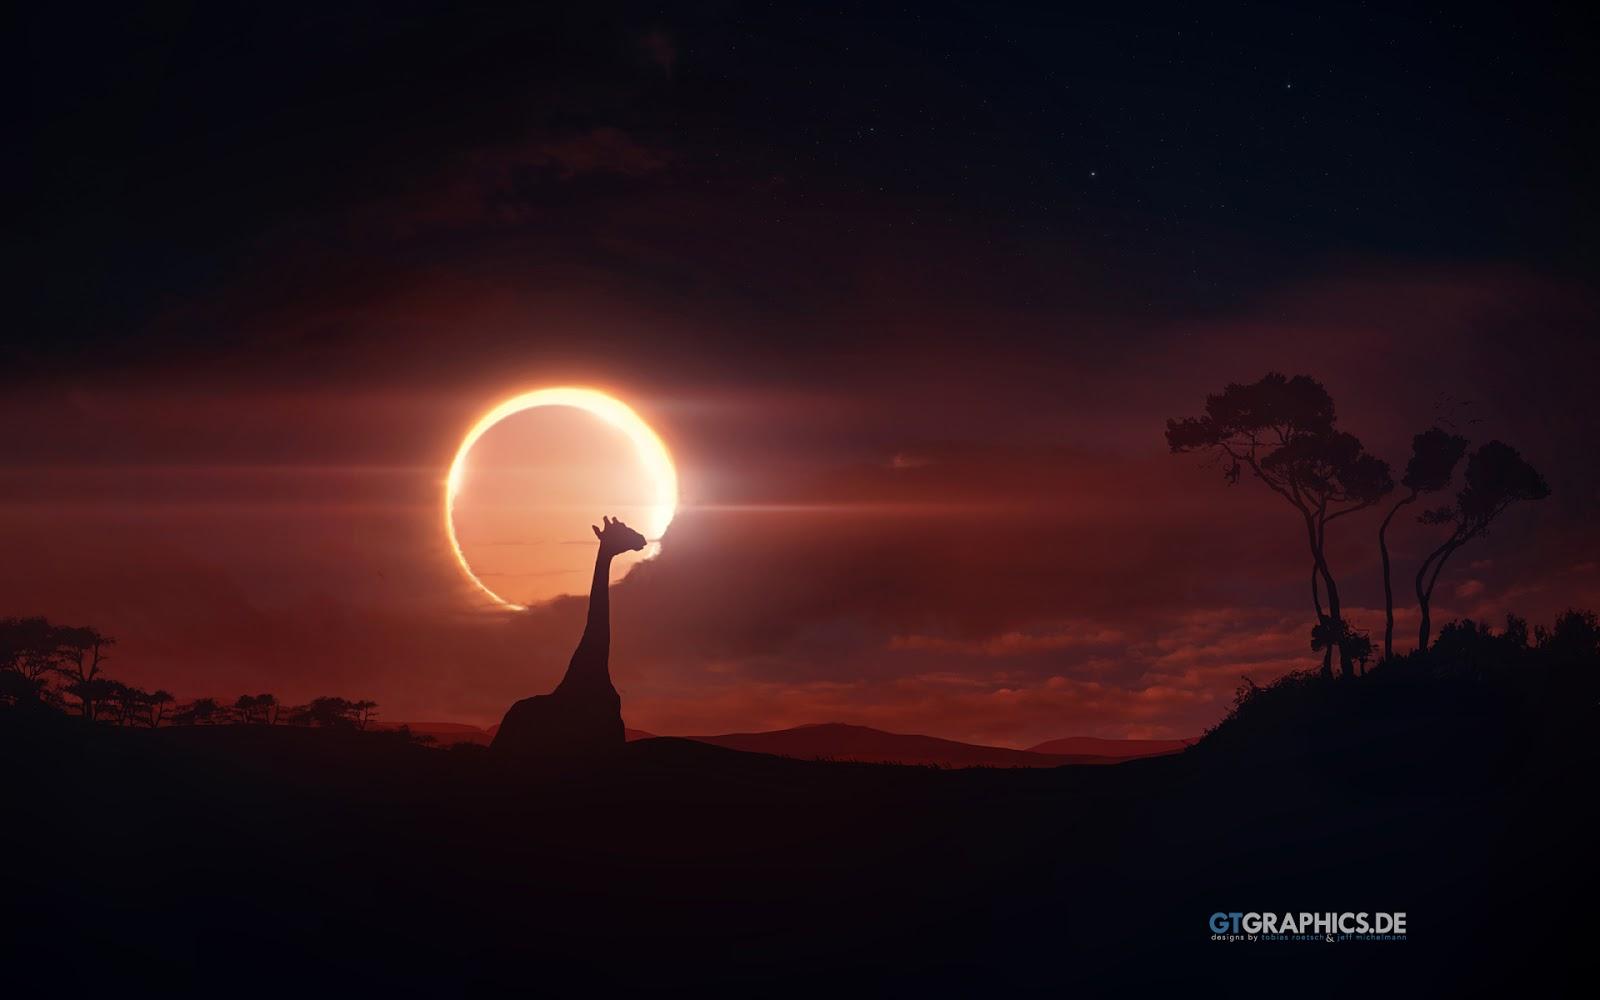 http://3.bp.blogspot.com/-b9UA9r0X-DQ/UV9uUWaORPI/AAAAAAAABho/L2u0SolQgw0/s1600/eclipse.jpg